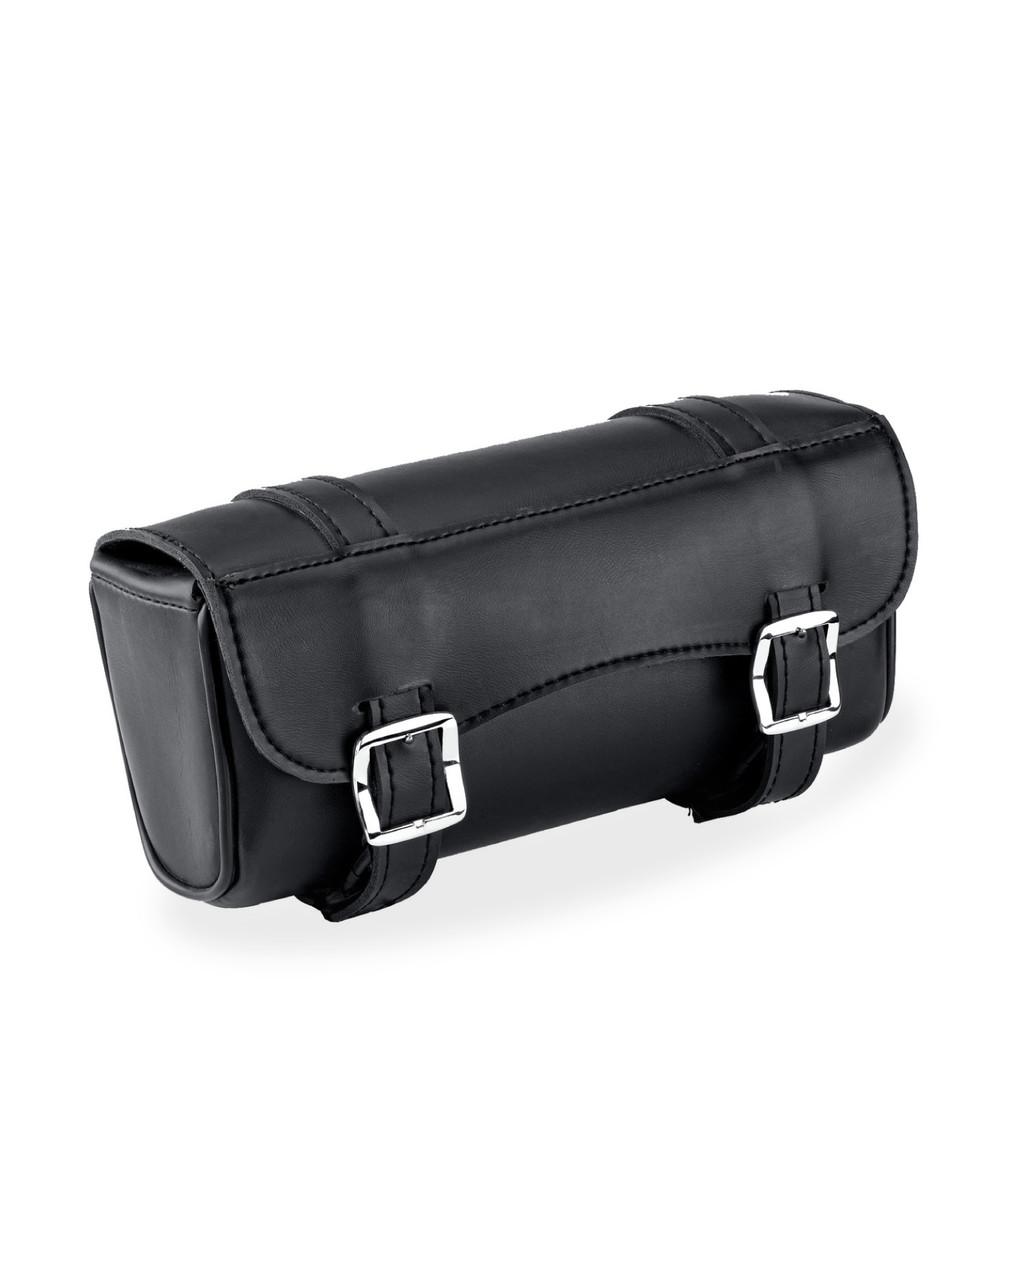 Kawasaki Medium Universal Motorycycle Tool Bag Main Bag View